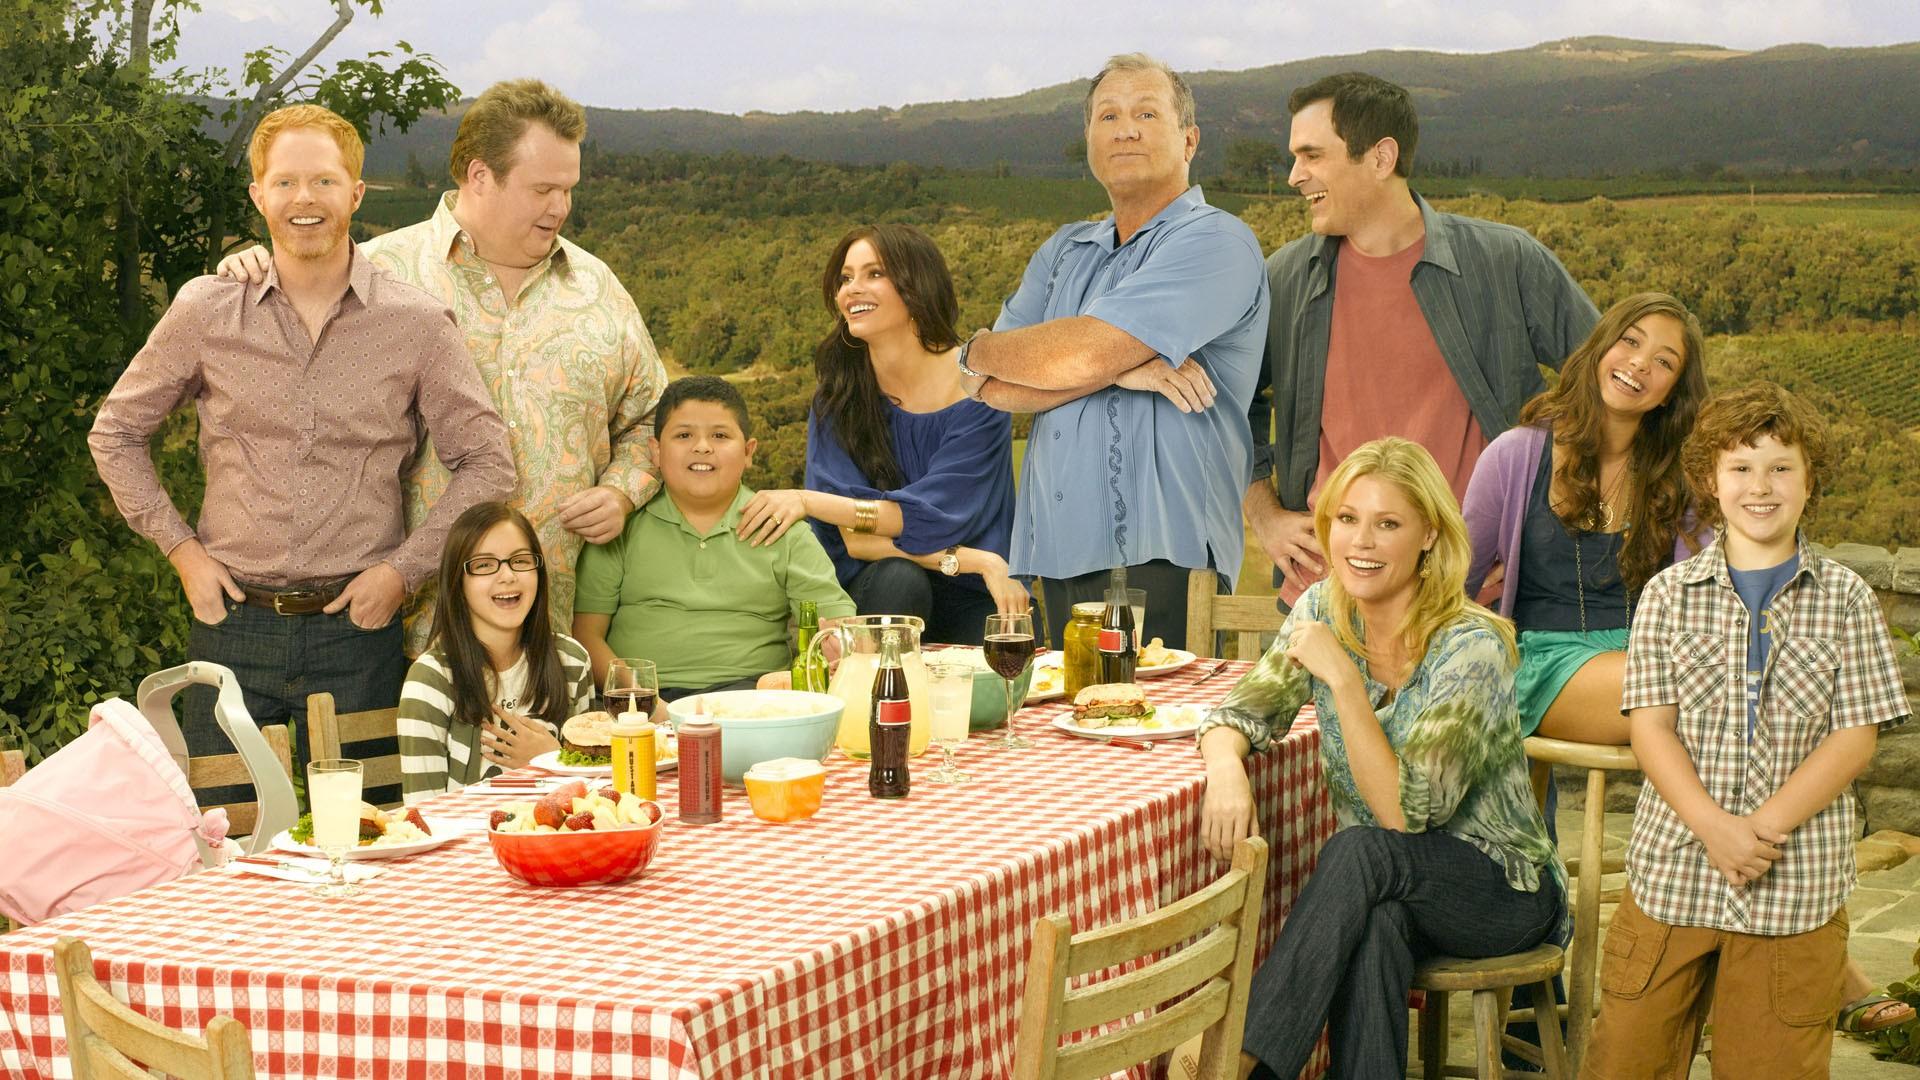 Fondos De Pantalla Gente Picnic Televisión Familia Familia